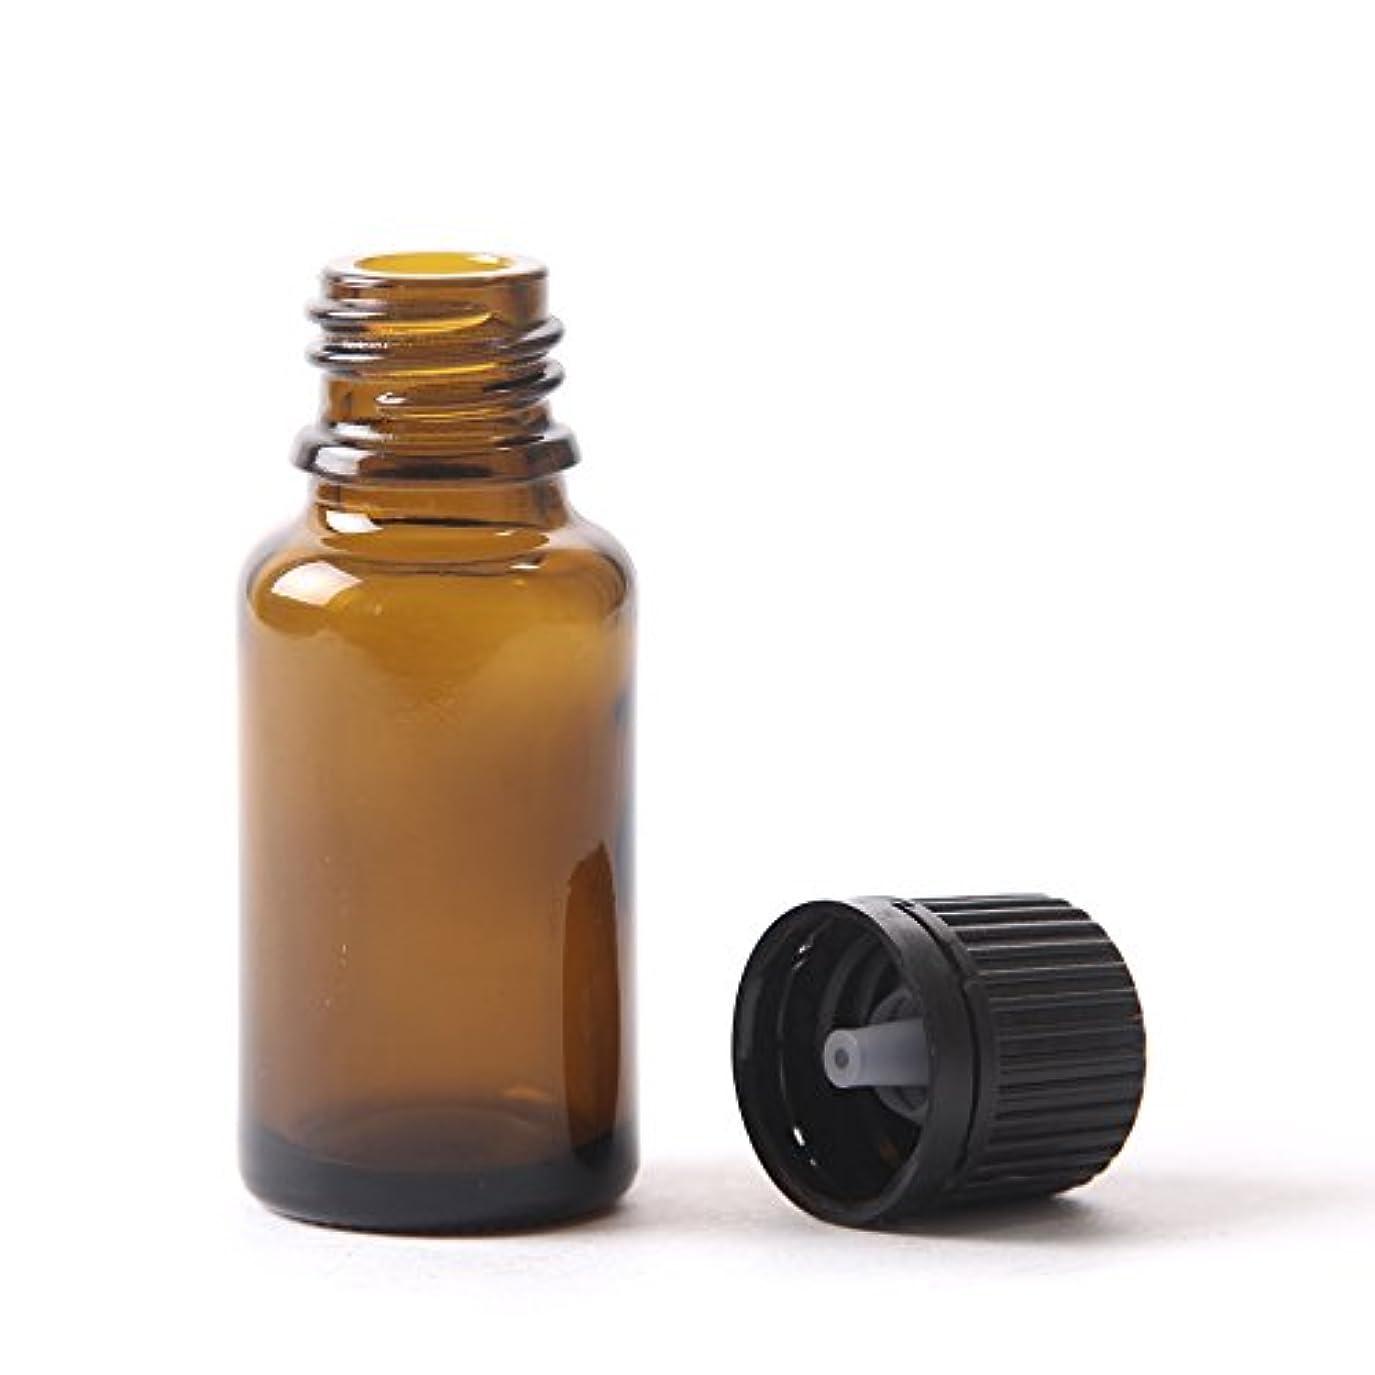 アコー忠実なハイランド15ml Amber Glass Boston Round Bottle (With Black Tamper Evident Cap & Dropper) (156)